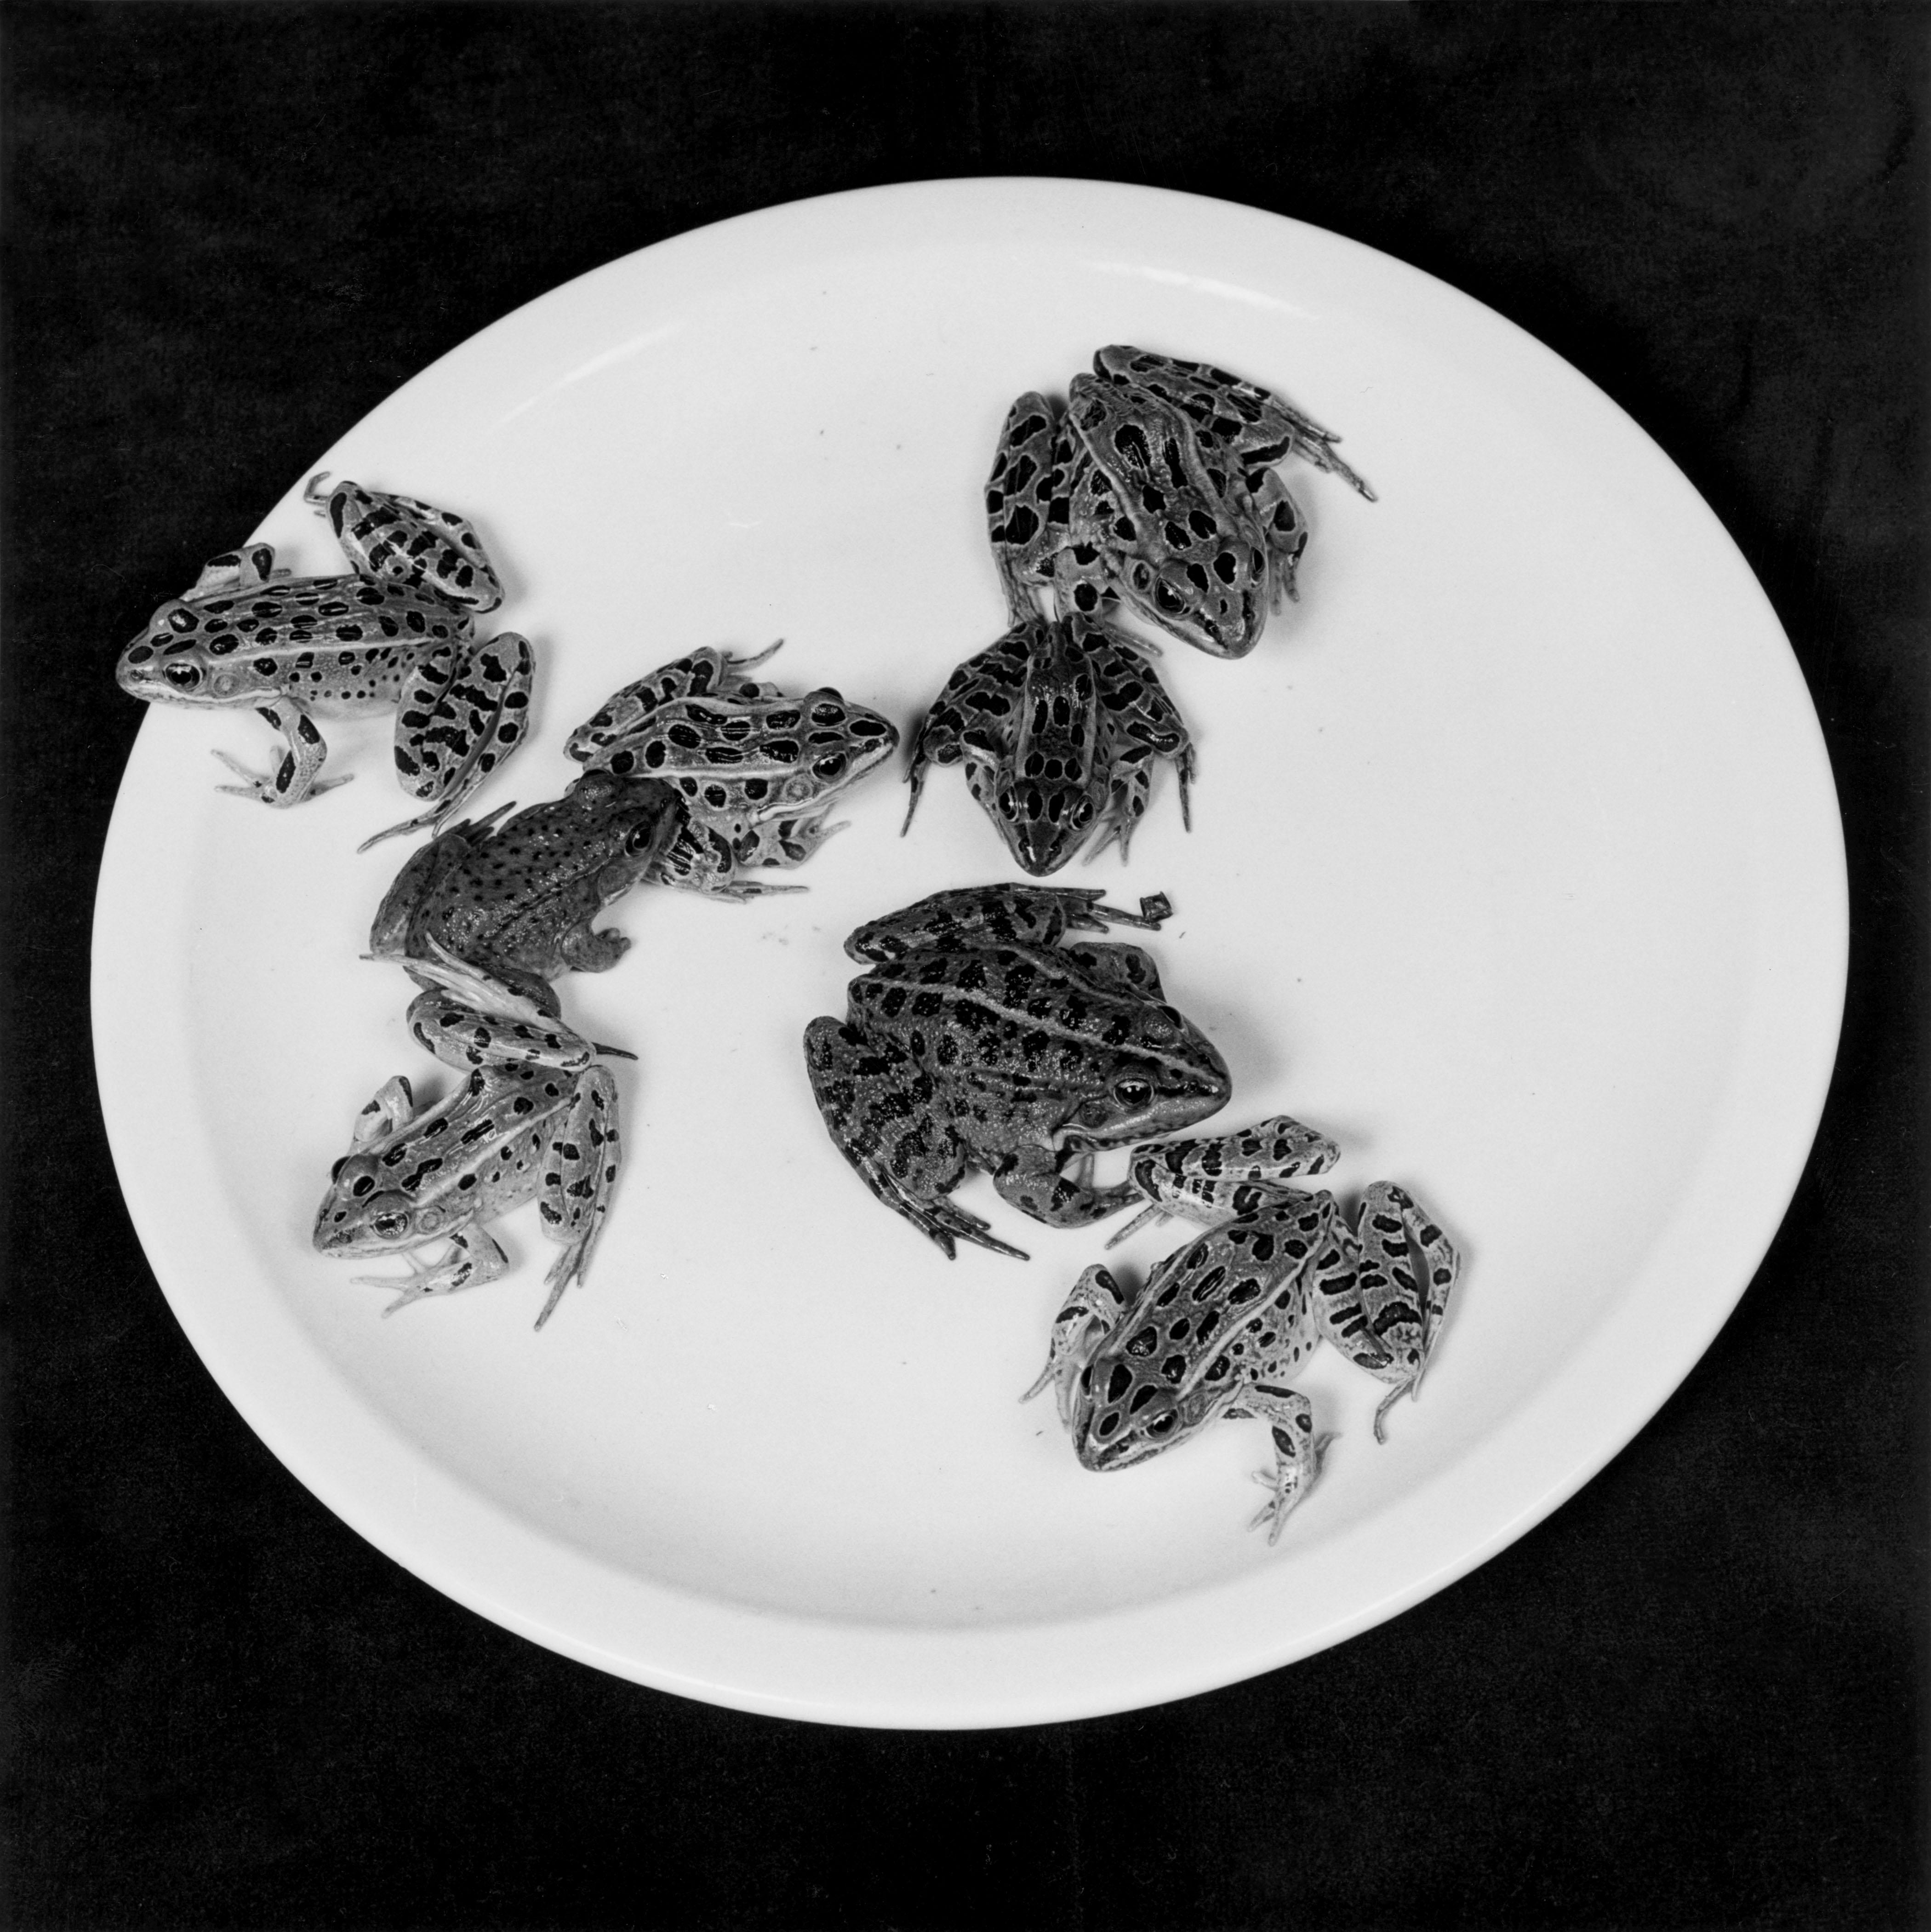 À l'occasion de ce qui aurait été les soixante-dix ans de Robert Mapplethorpe, la galerie londonienne Alison Jacques a demandé à Juergen Teller d'être le conservateur d'un ultime accrochage du travail du maître. L'occasion de se replonger dans ses vastes archives de clichés sulfureux et provocateursen noir et blanc, dont la plupartavaientfait des vagues dans les années 70. Représentation dénudée d'hommes et femmes, autoportraits et portraits troublants d'Andy Warhol ou Debbie Harrie, natures mortes sensuelles,instantanés de sa muse de toujoursPatti Smith.... Emporté par le sida en 1989, il laisse derrière lui une œuvre dont la portée émotionnelle continue d'inspirer une génération entière.  Juergen Teller est d'ailleurs typiquement associé à cette relève, notamment dans sa manière de représenter les femmes. Kate Moss, Marion Cotillard, Björk... Toutes sont passées devant l'objectif de son Contax C2. Difficile d'oublier ses séries devenues cultes dans les pages dumagazineThe Face, ou même sescampagnes au style racé pour notamment Marc Jacobs et Céline. Dans le cadre de l'exposition, il livre une sublime sélection de clichés intimistes, tantôt charnels, tantôt drôles et toujours saisissants de beauté.  Teller on Mapplethorpe à laAlison Jacques Gallery, du 18 novembre au 7 janvier.www.alisonjacquesgallery.com